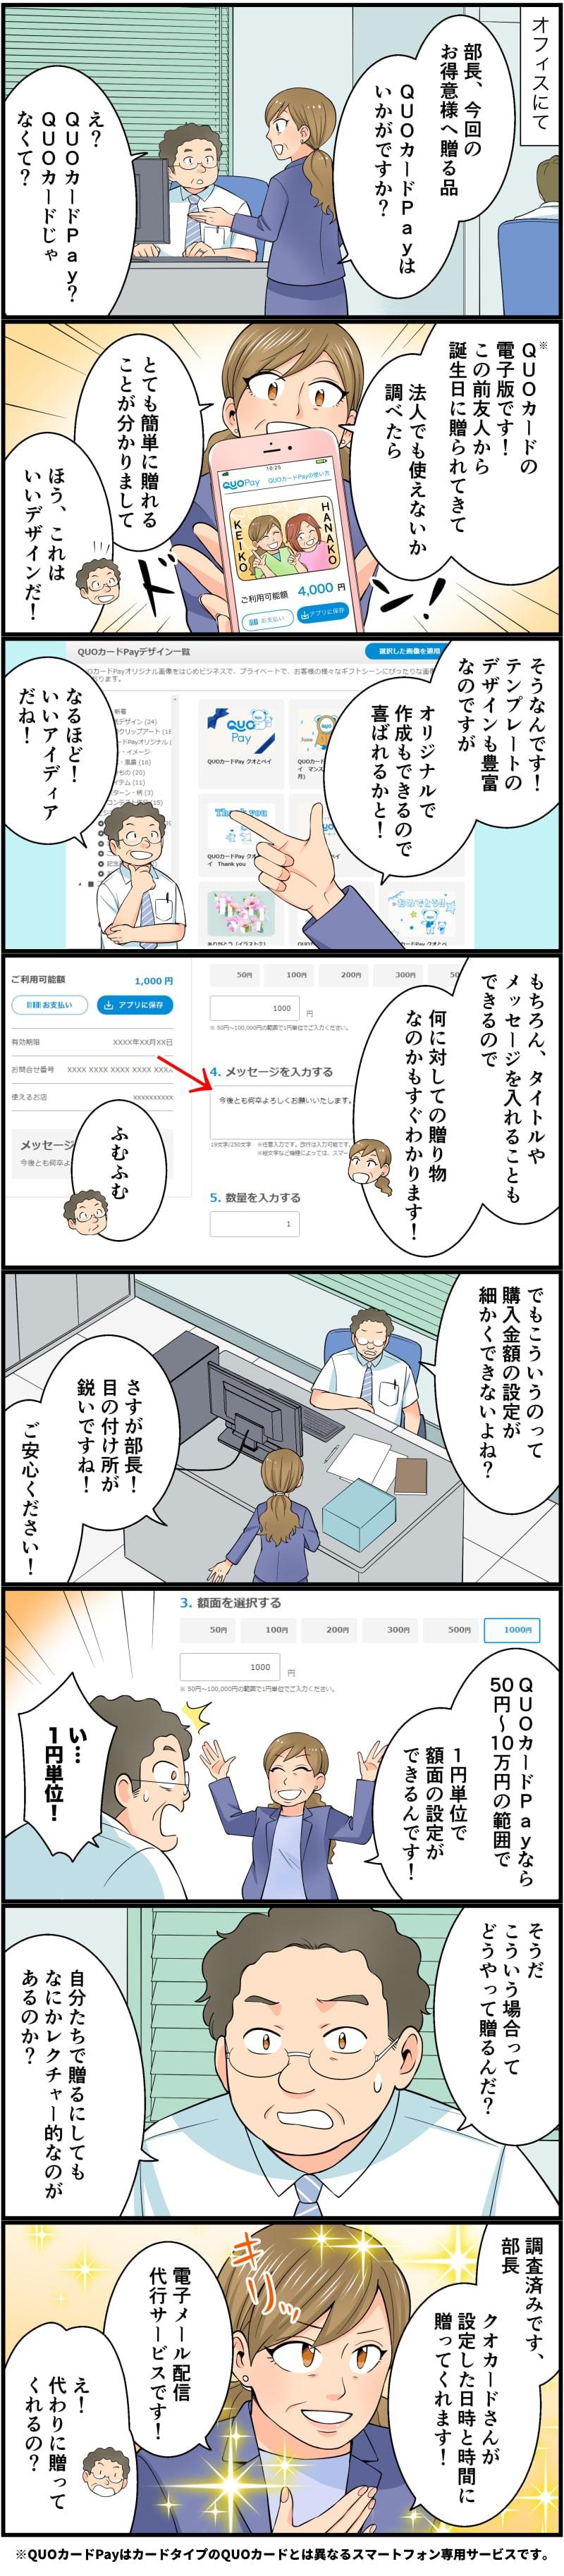 QUOカードPay 縦読み漫画『QUOカードPayの購入方法 法人編』掲載サンプル1